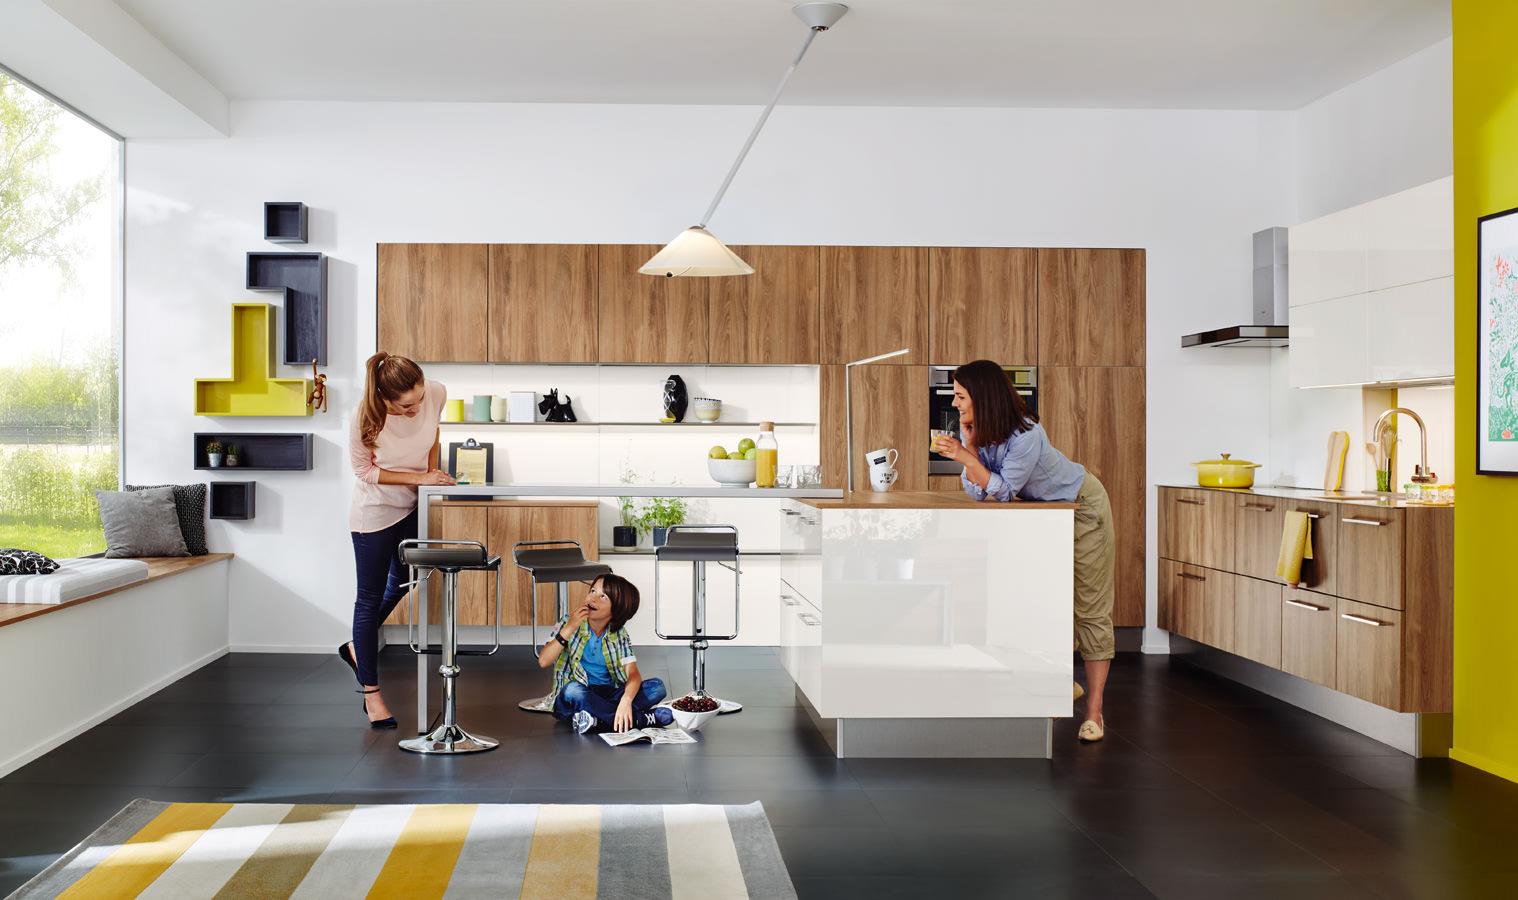 Tolle Traum Küchen Und Bäder Magazin Galerie - Ideen Für Die Küche ...